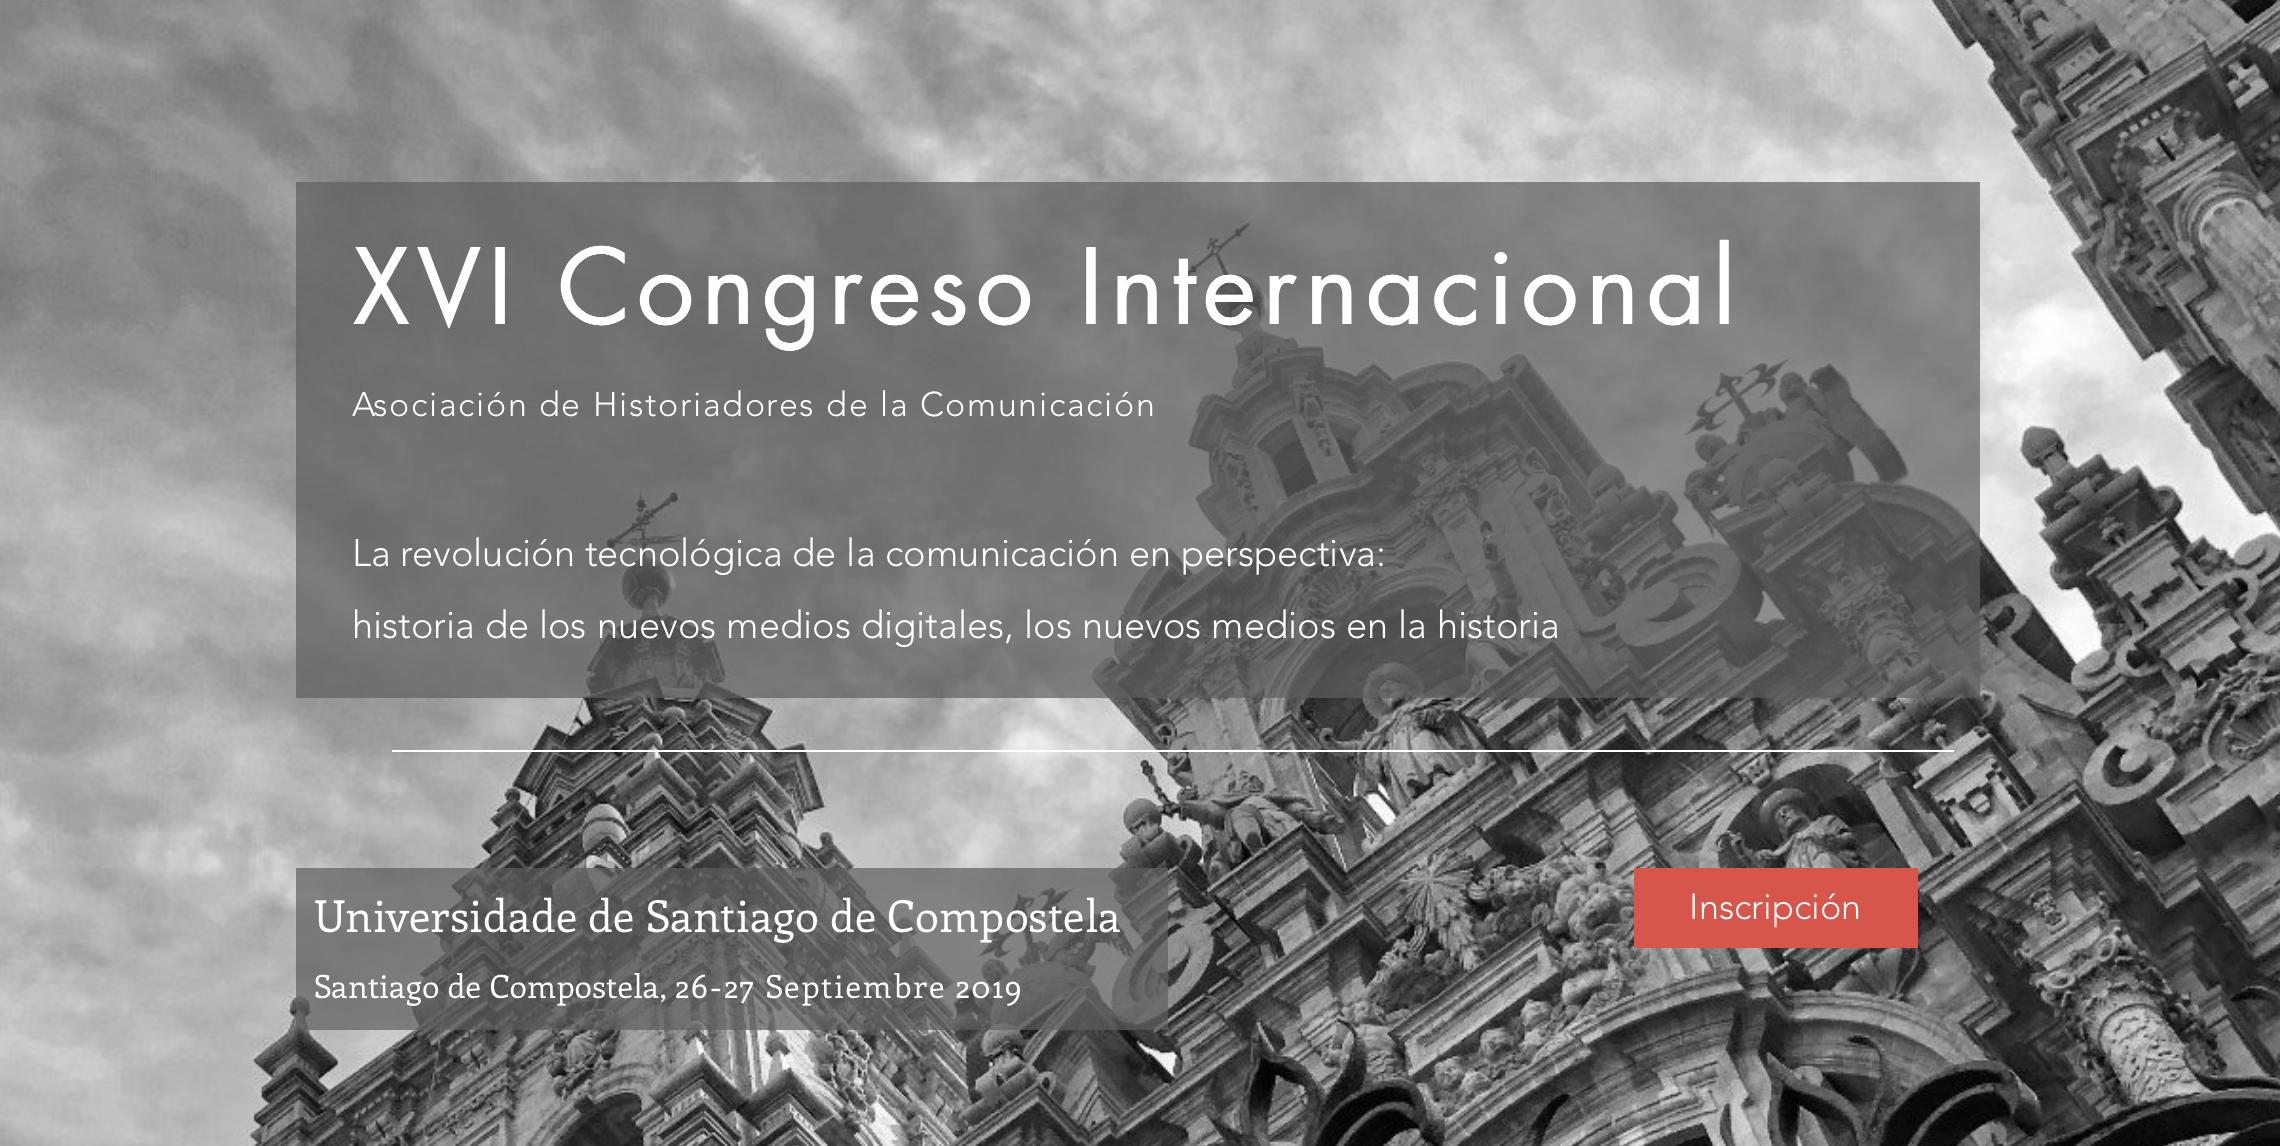 XVI Congreso de la Asociación de Historiadores de la Comunicación